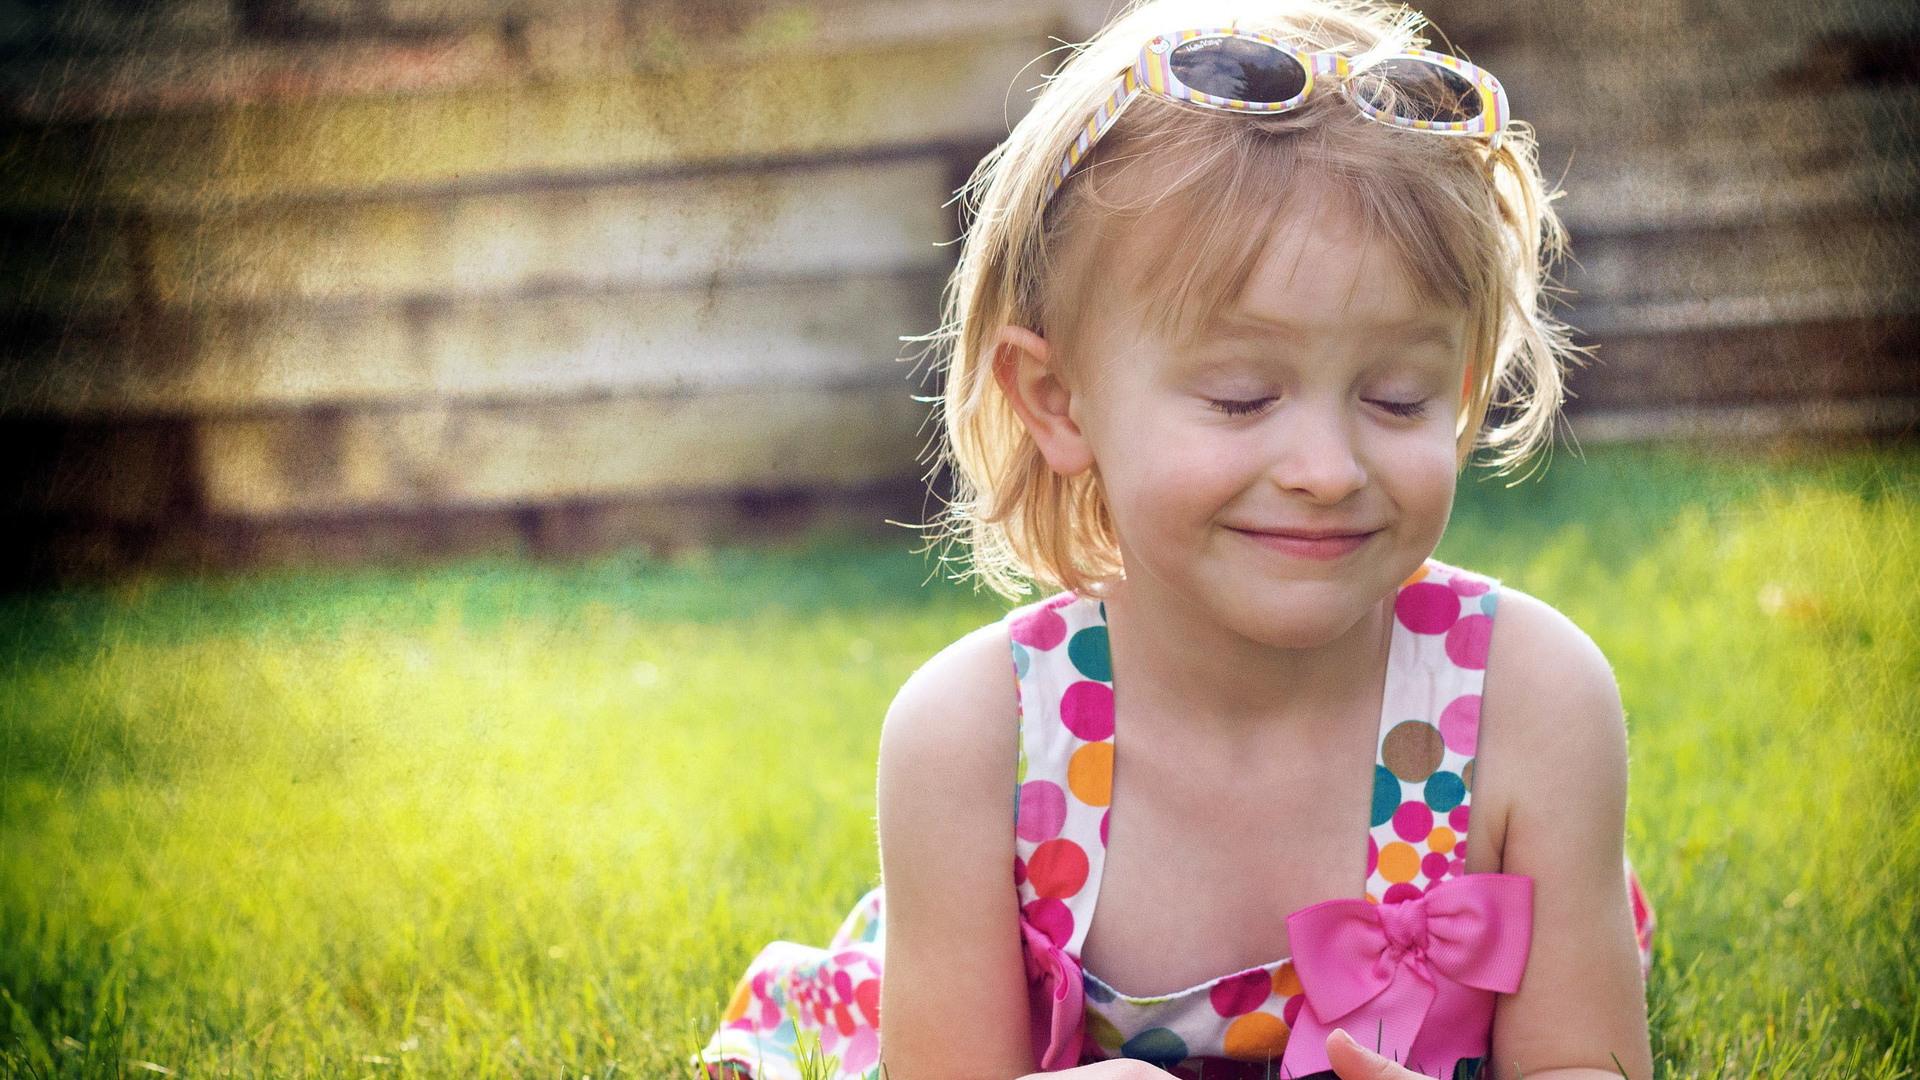 1920x1080 Cute Little Girl Laptop Full HD 1080P HD 4k